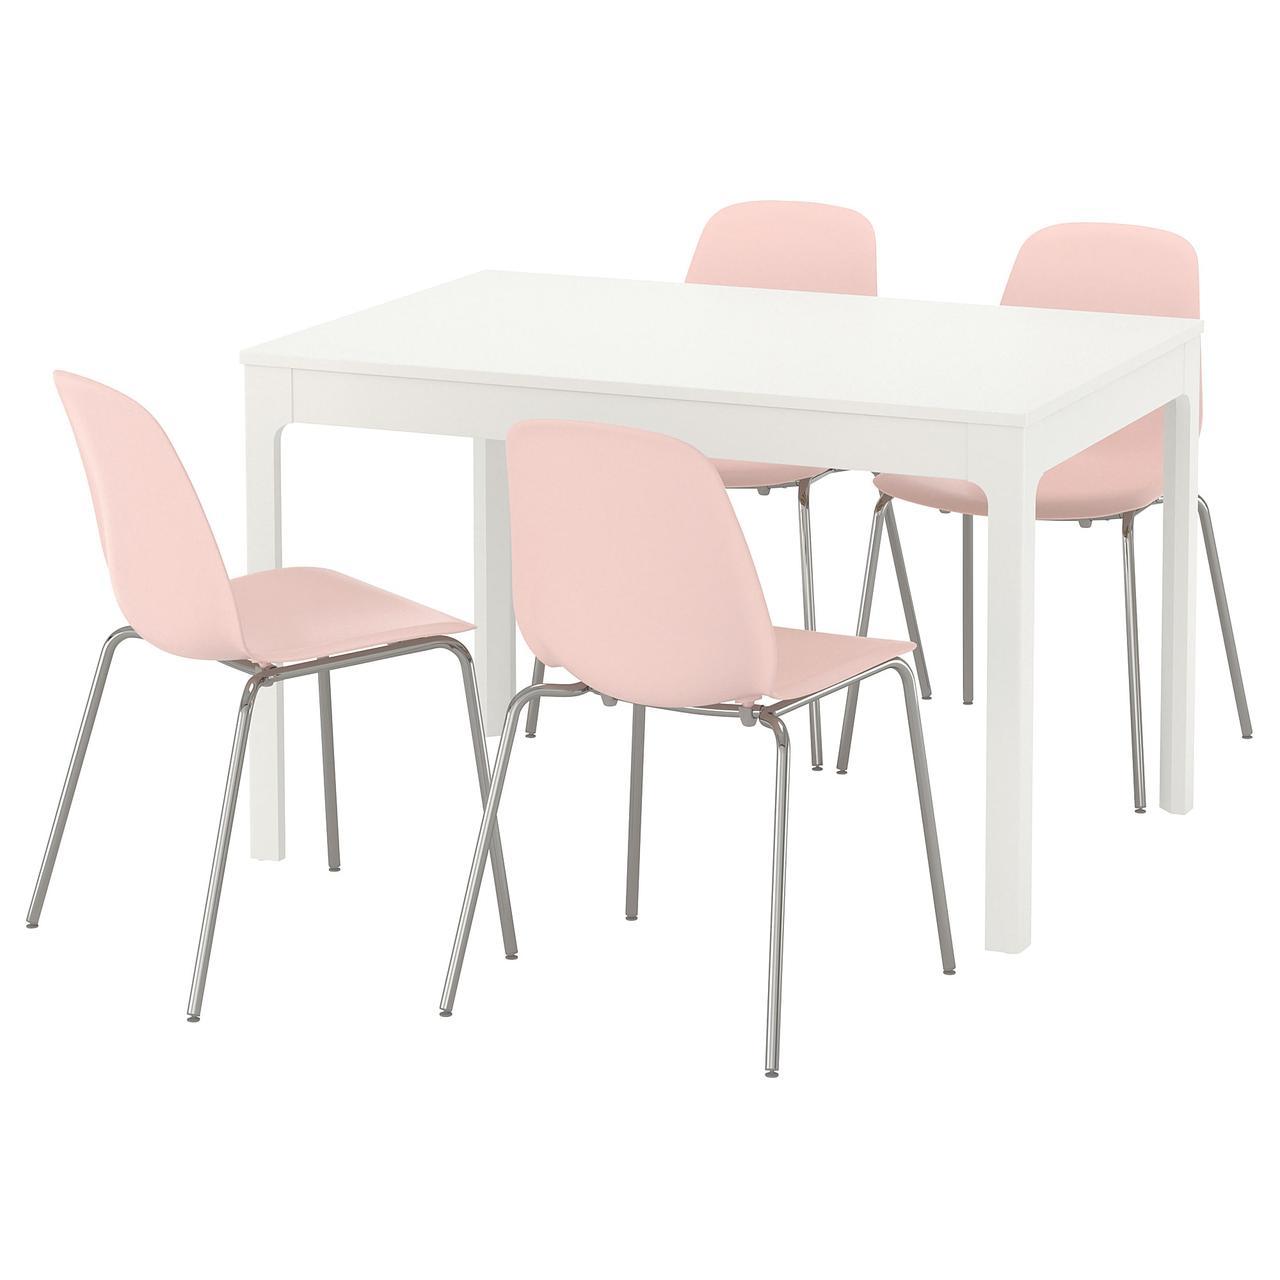 ЭКЕДАЛЕН / ЛЕЙФ-АРНЕ Стол и 4 стула, белый, розовый